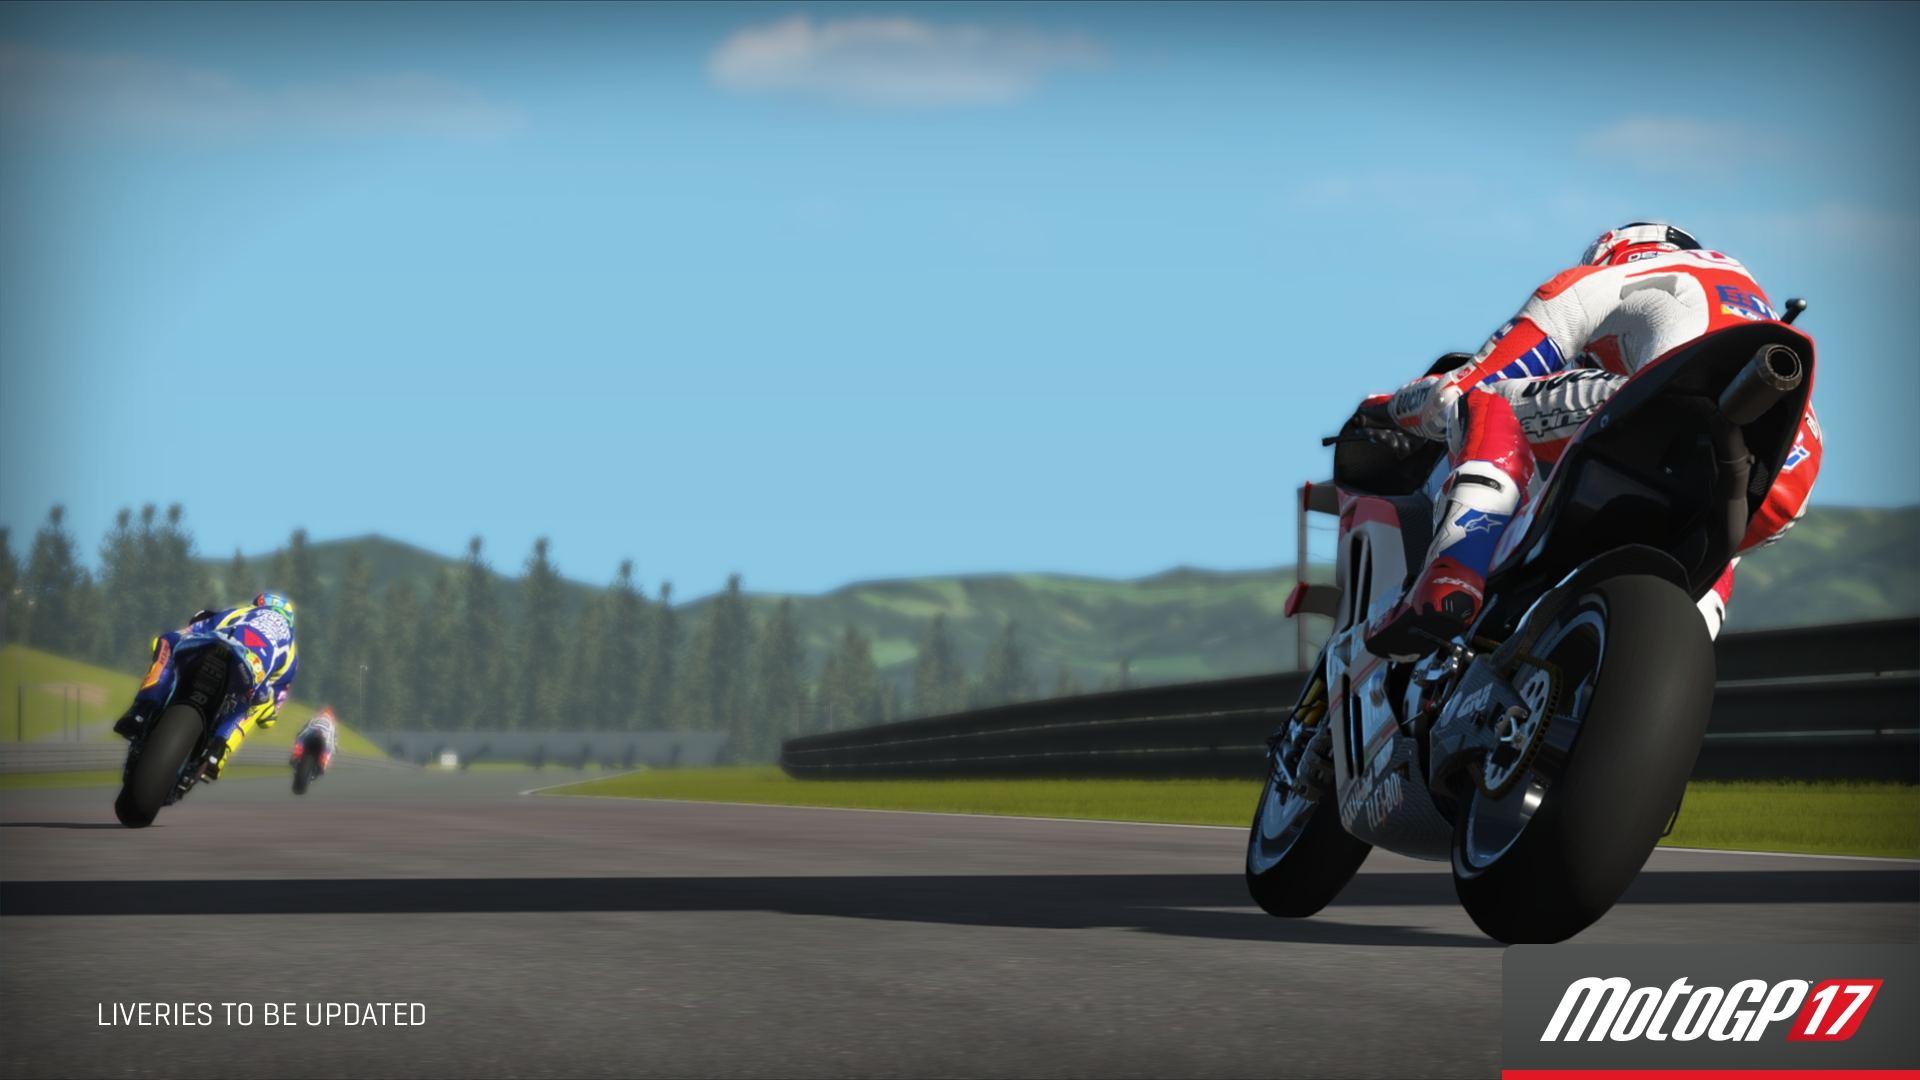 MotoGP 17 - Bild 20 | playm.de